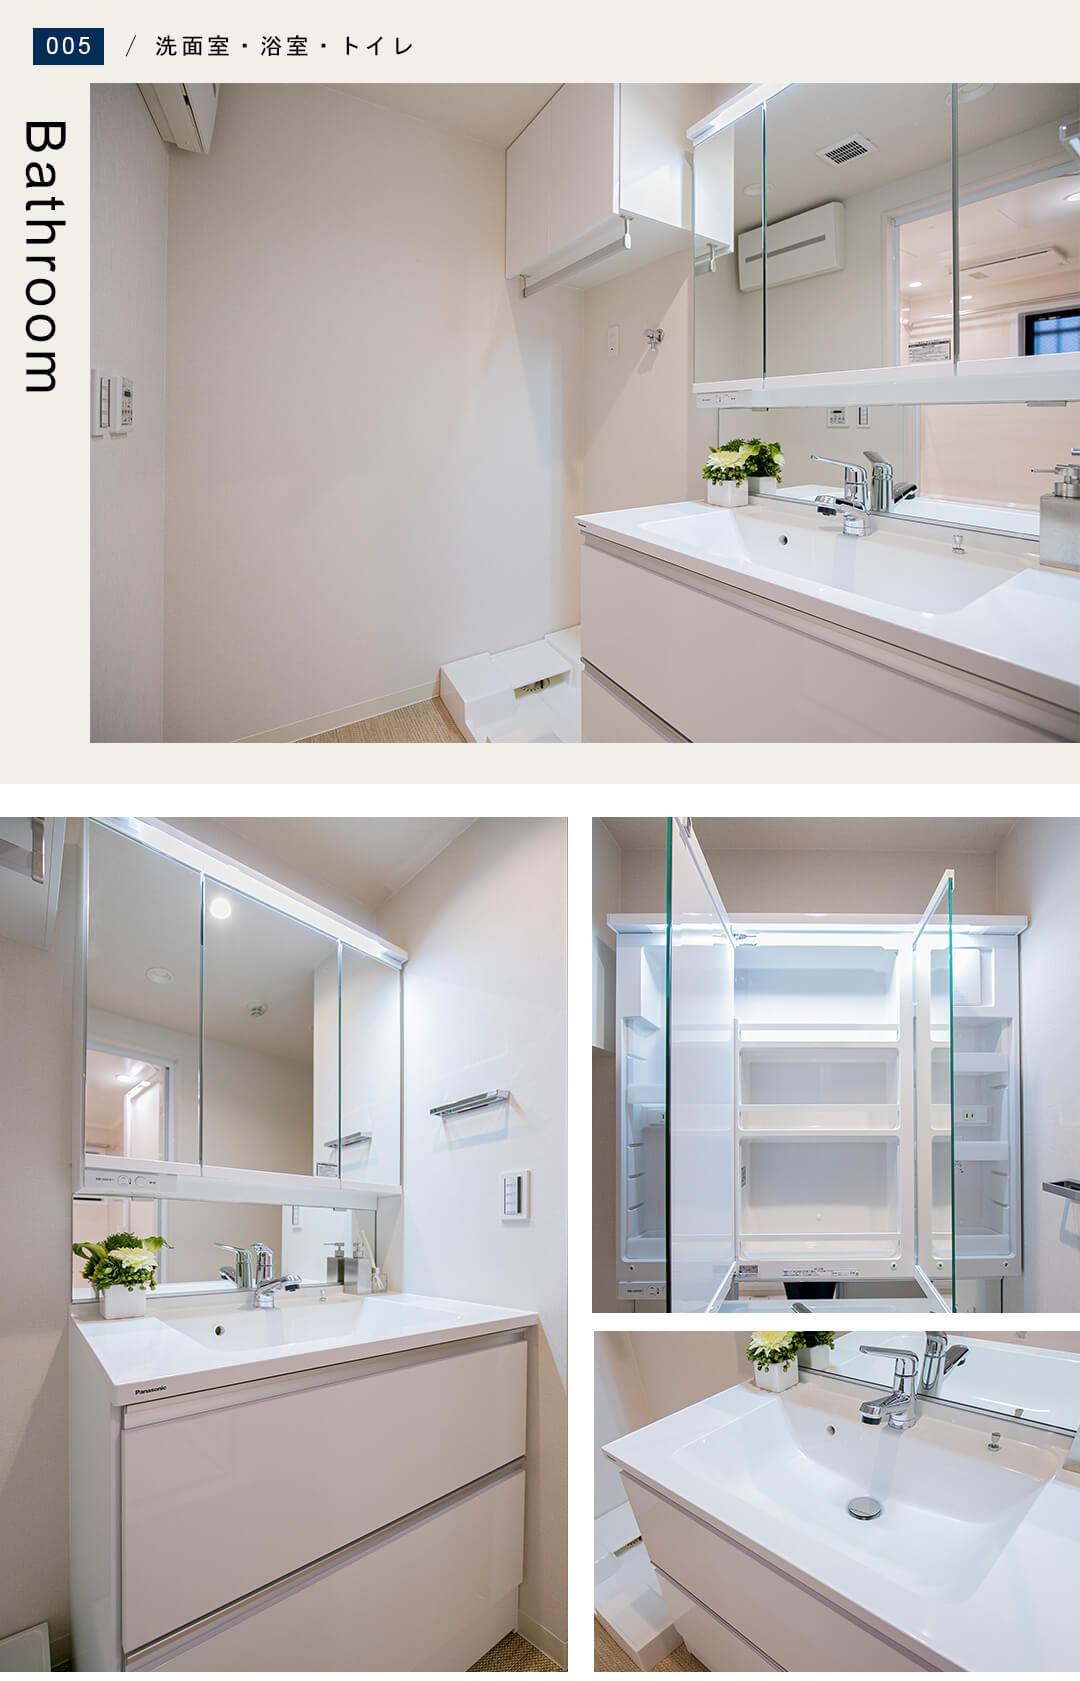 シーズクロノス新宿戸山の洗面室